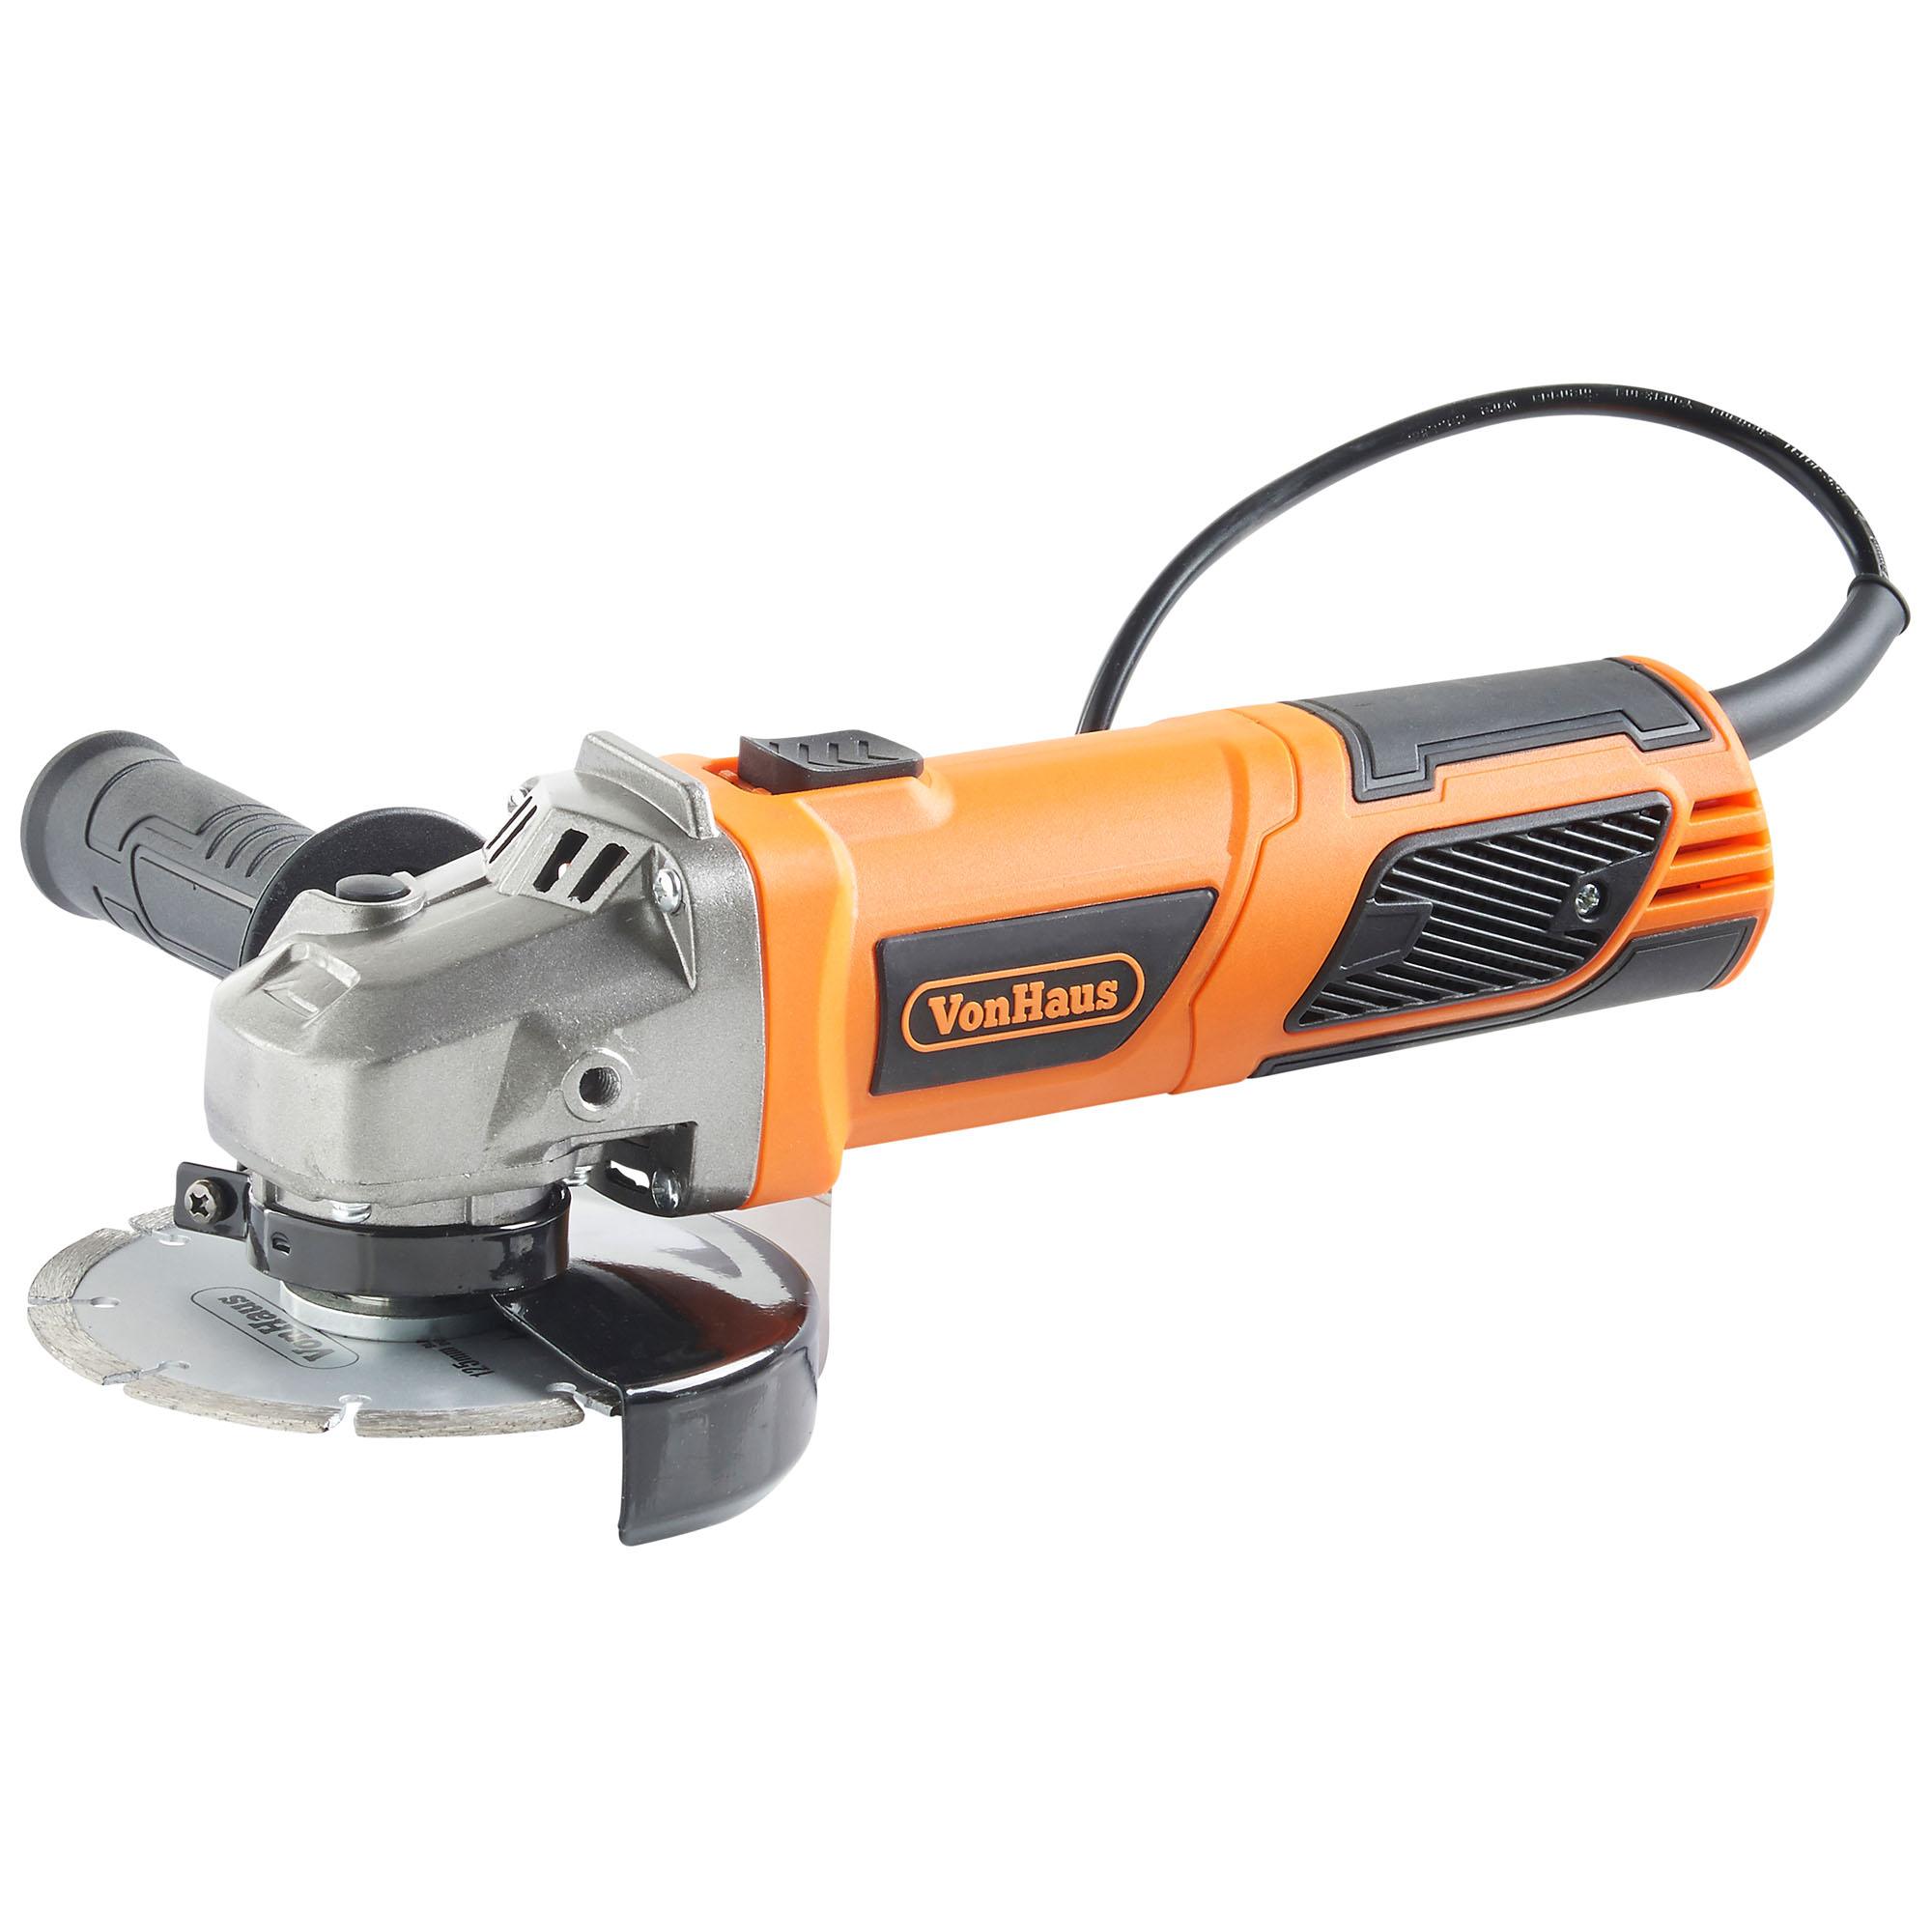 Vonhaus 950w 125mm 115mm 5 angle grinder 7 cutting discs sentinel vonhaus 950w 125mm angle grinder doublecrazyfo Gallery